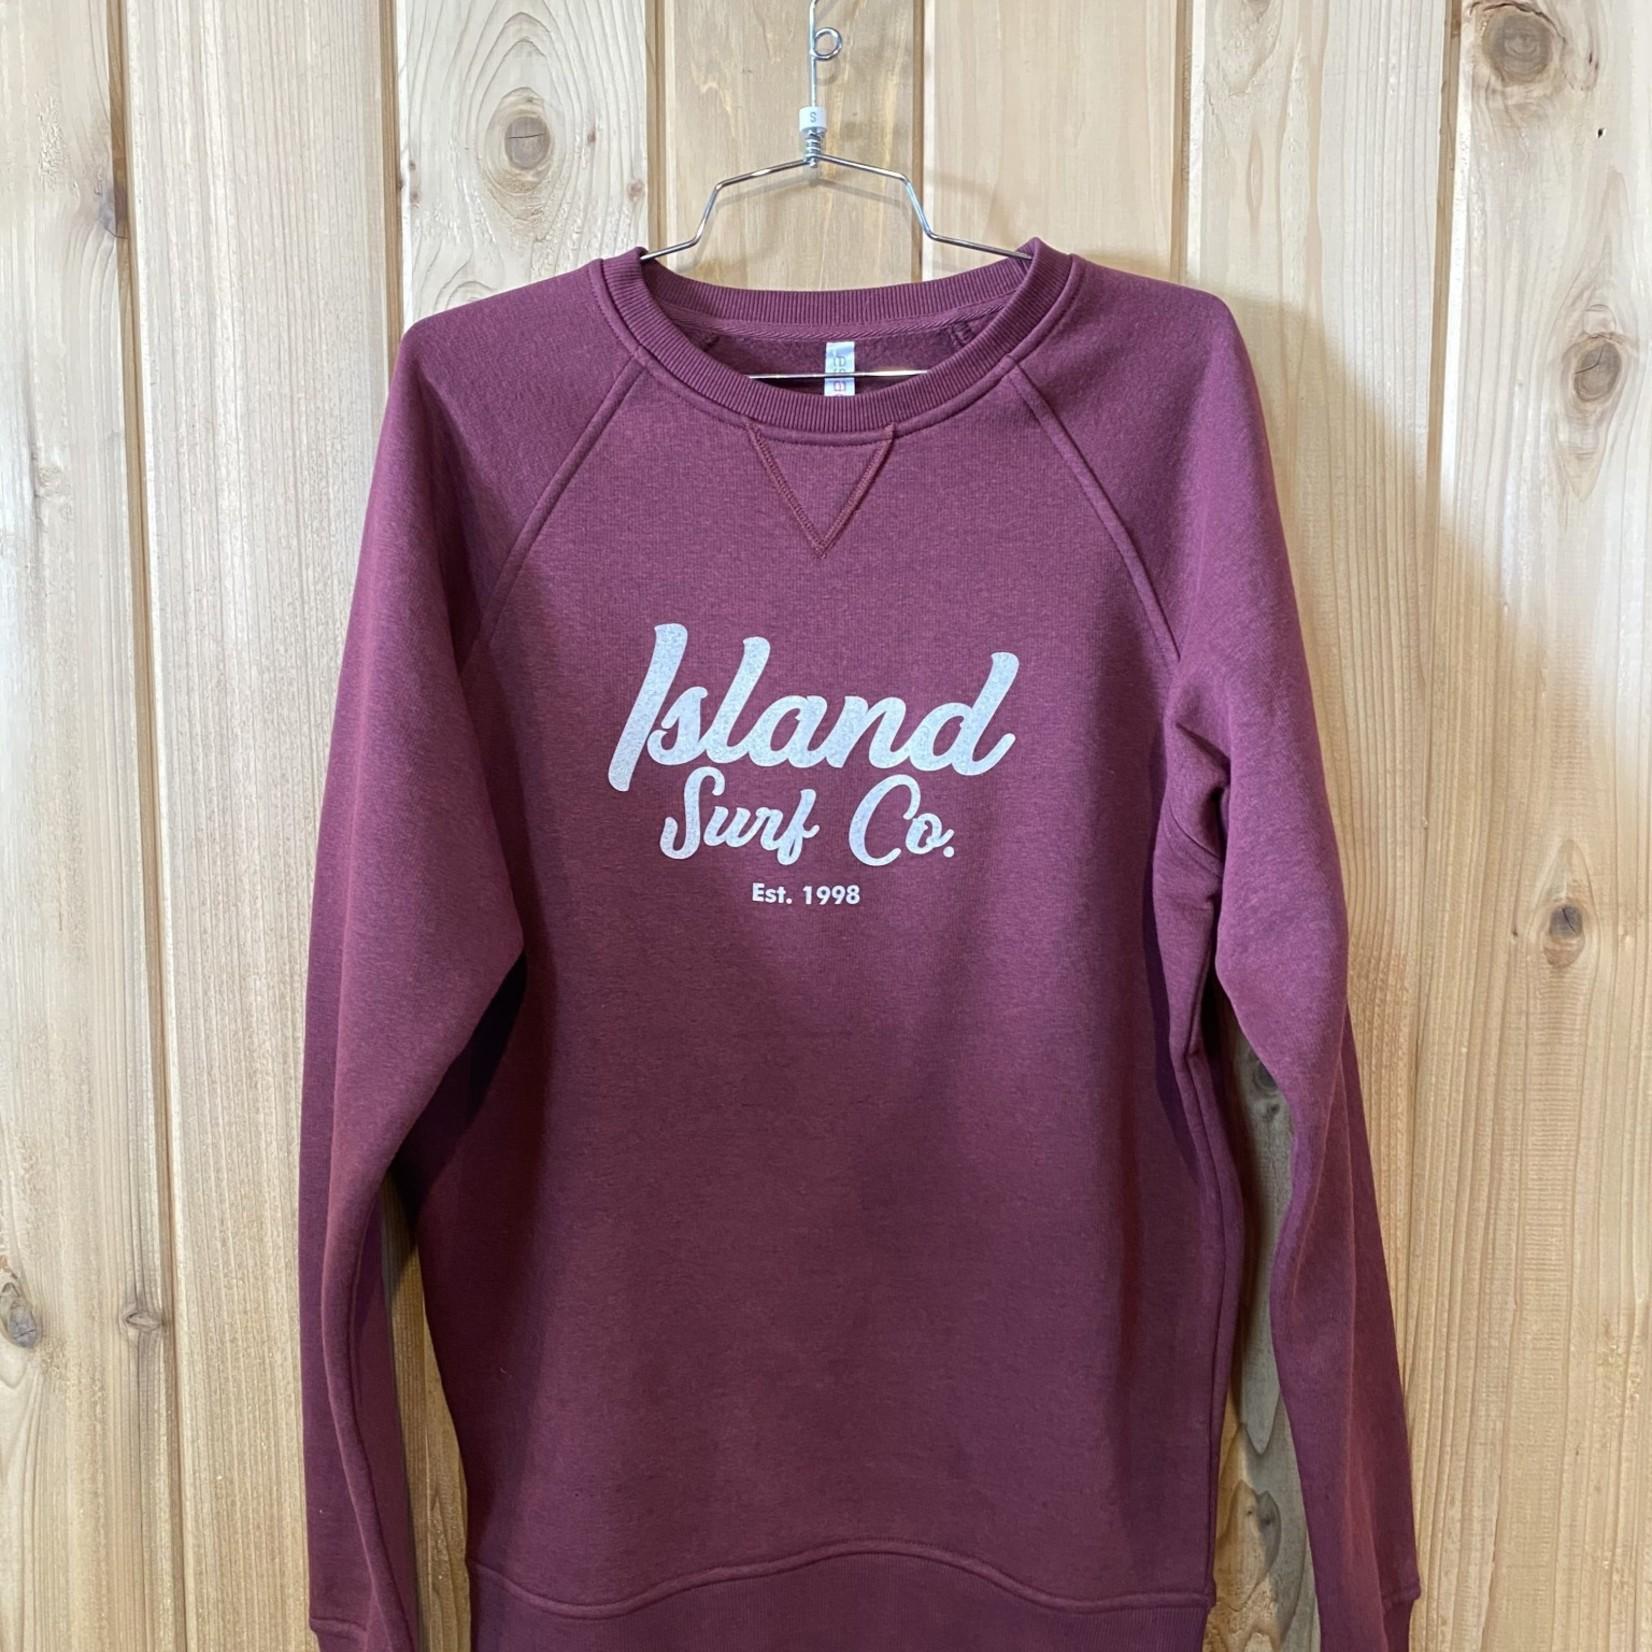 Riptide Vintage Island Surf Co. Sweatshirt